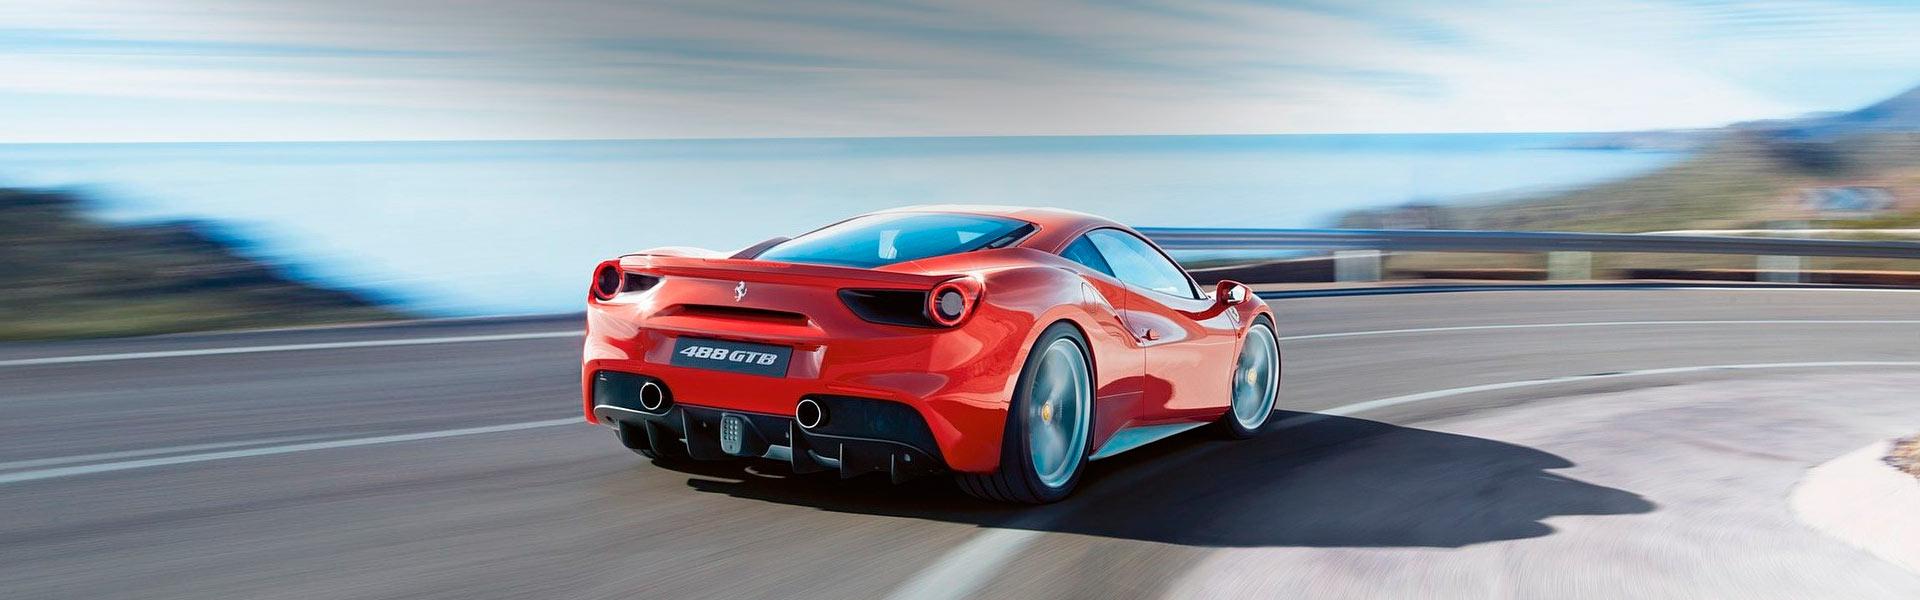 Установка предпускового подогревателя Ferrari